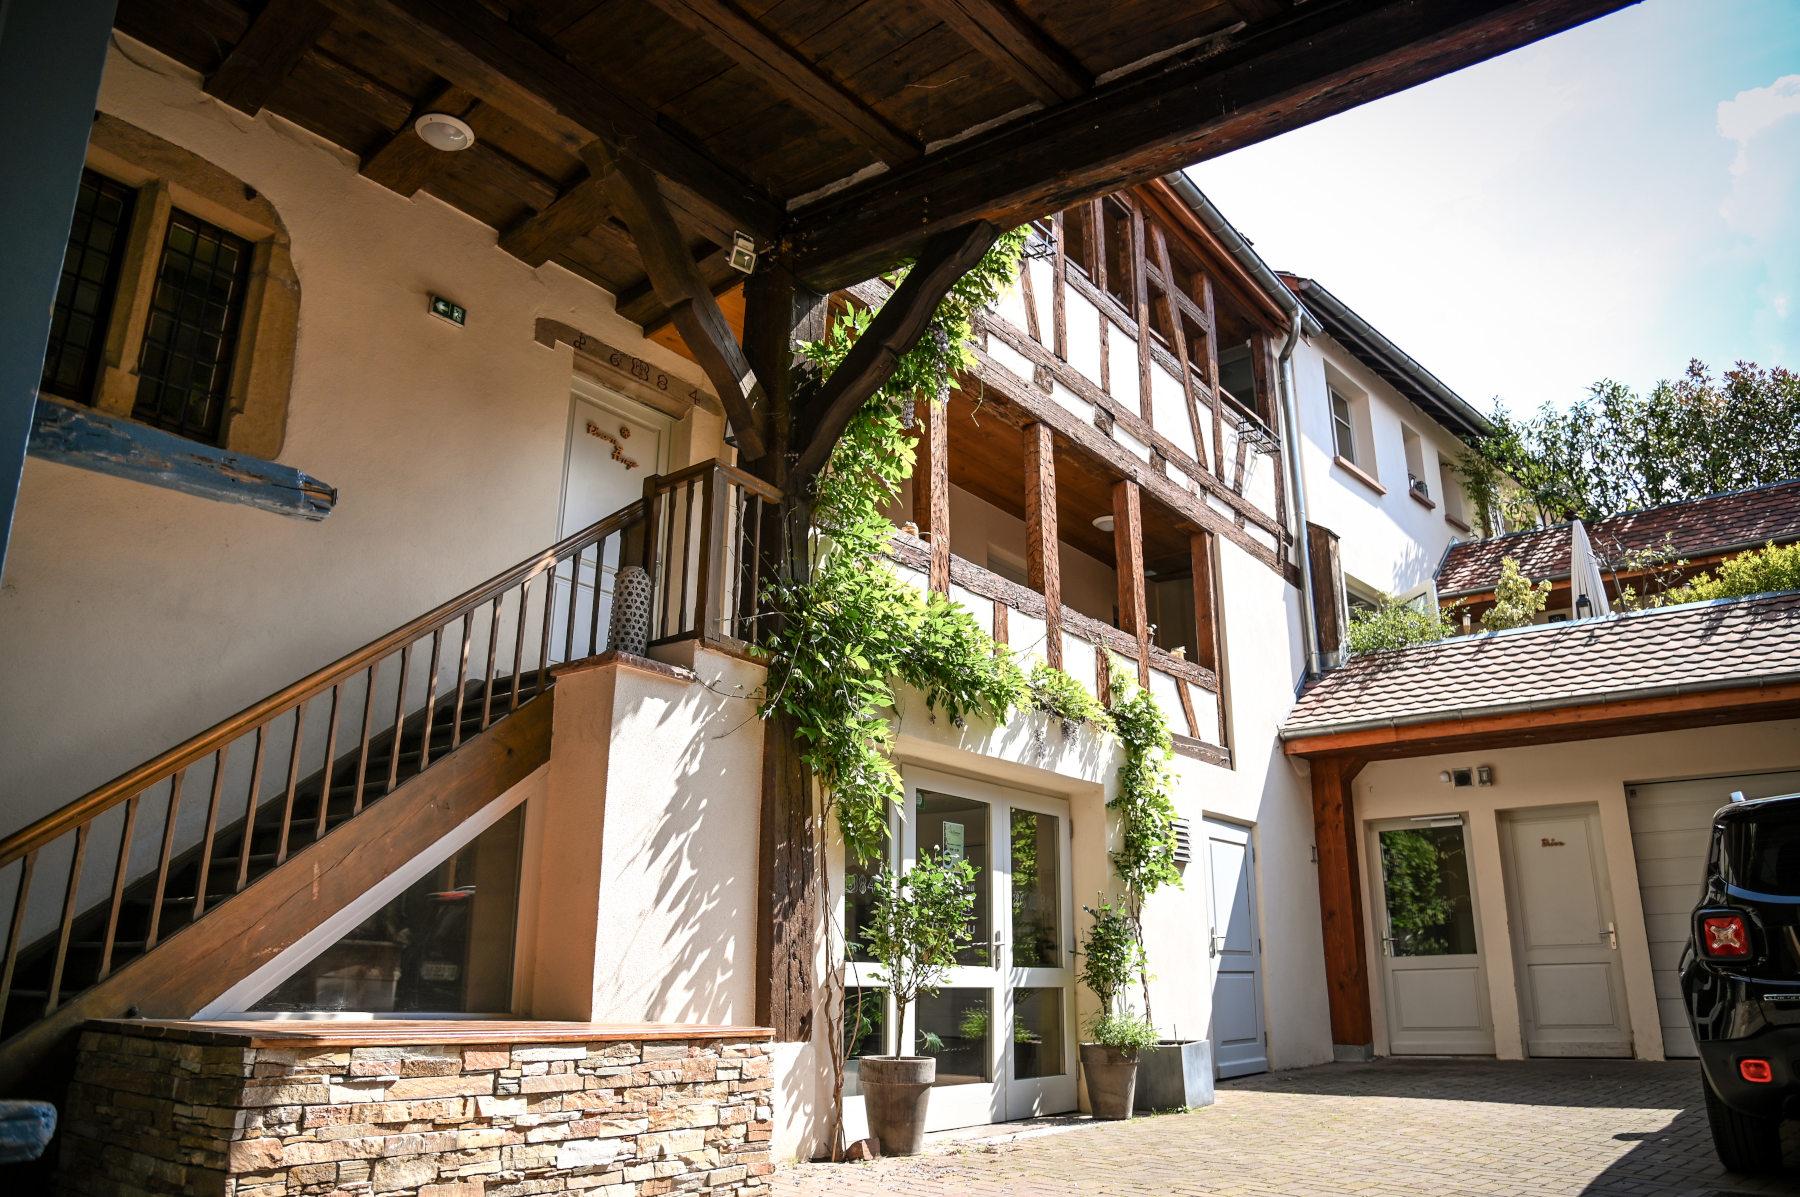 g te l on le hameau d 39 eguisheim domaine ginglinger 33 grand 39 rue 68420 eguisheim france. Black Bedroom Furniture Sets. Home Design Ideas